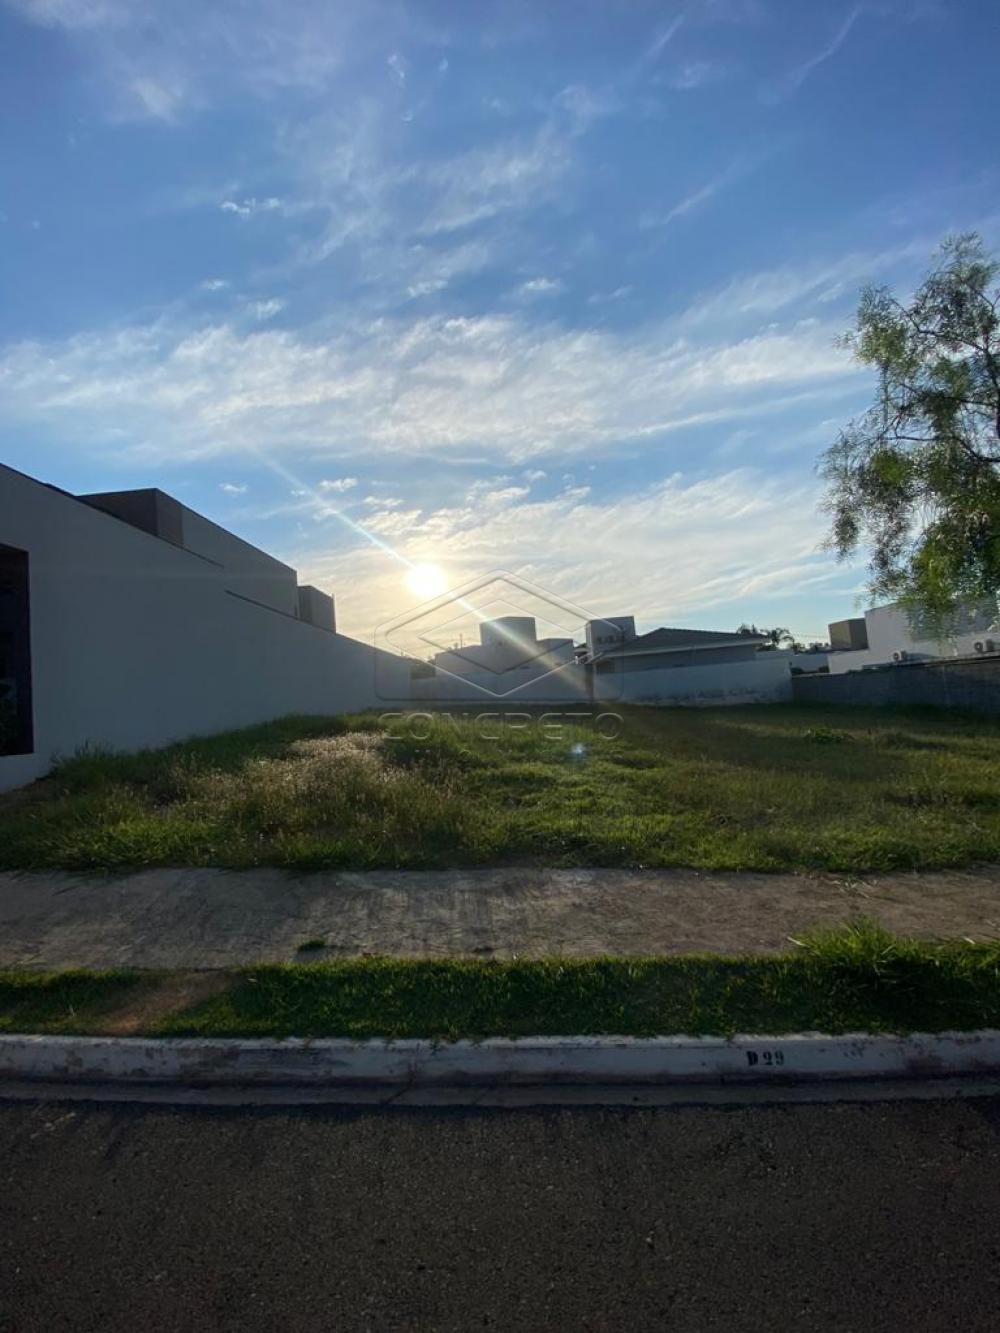 Comprar Terreno / Condomínio em Bauru apenas R$ 270.000,00 - Foto 8